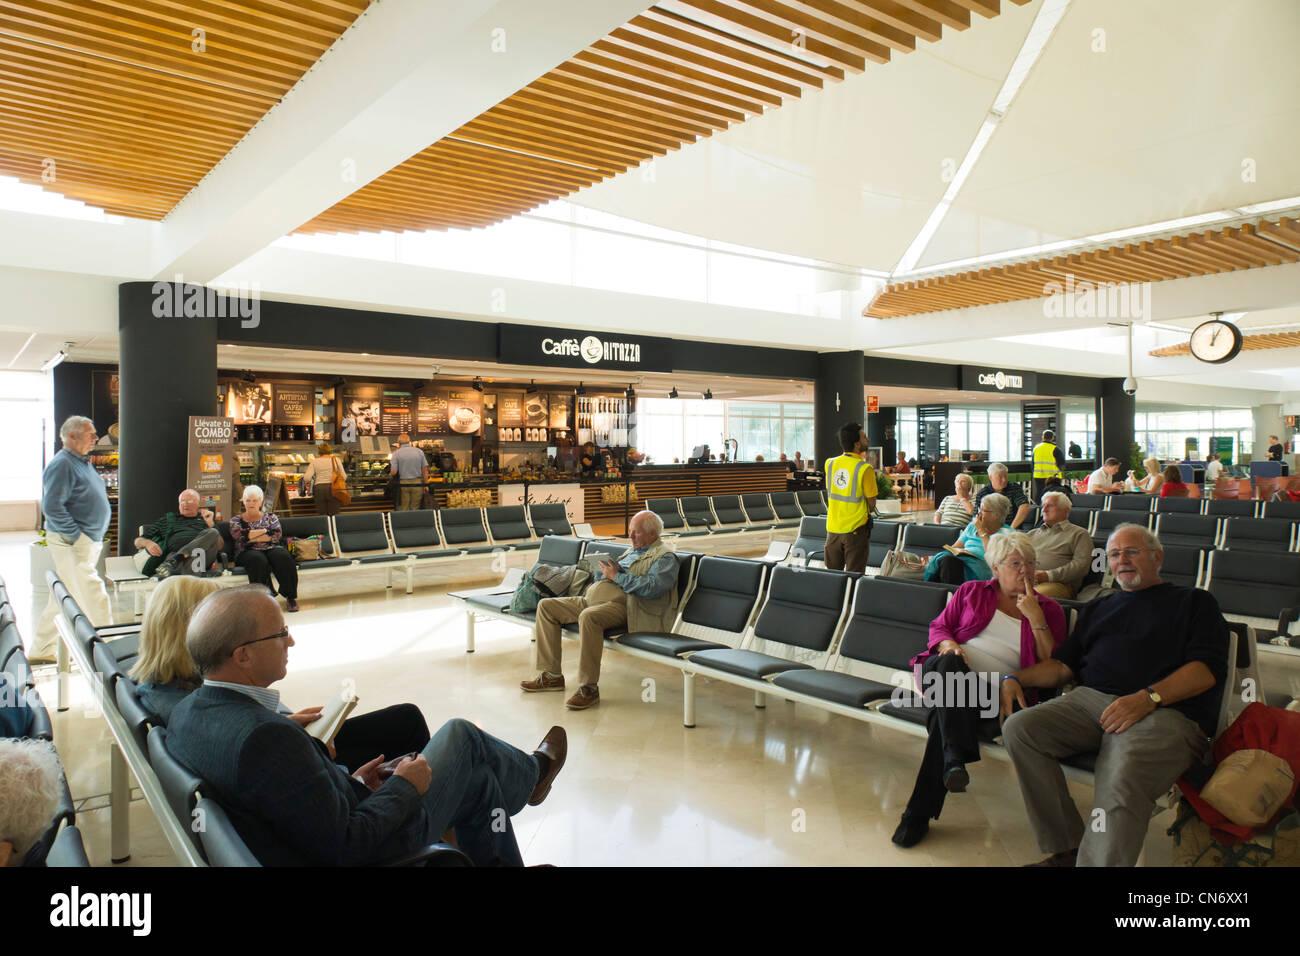 Lanzarote, Kanarische Inseln - Flughafen Arrecife. Passagiere warten in bar Sitzecke. Stockbild